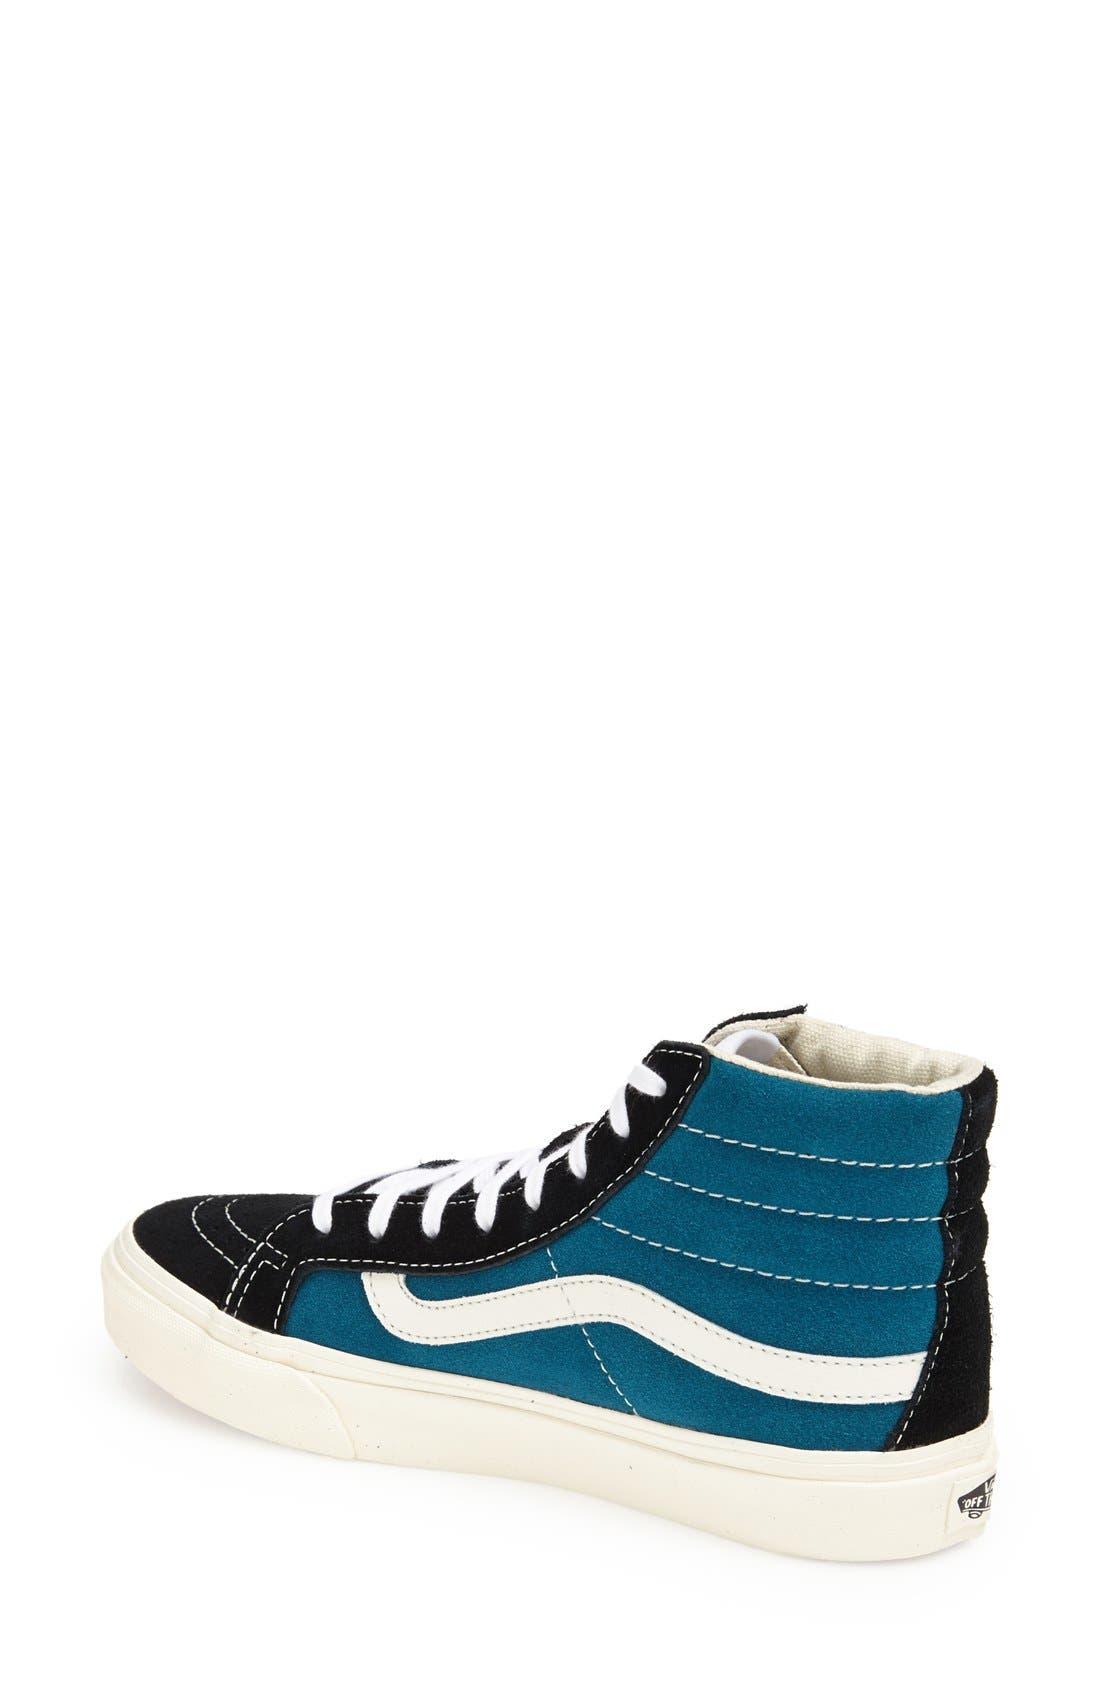 Alternate Image 2  - Vans 'Sk8-Hi Slim' Suede Sneaker (Women)